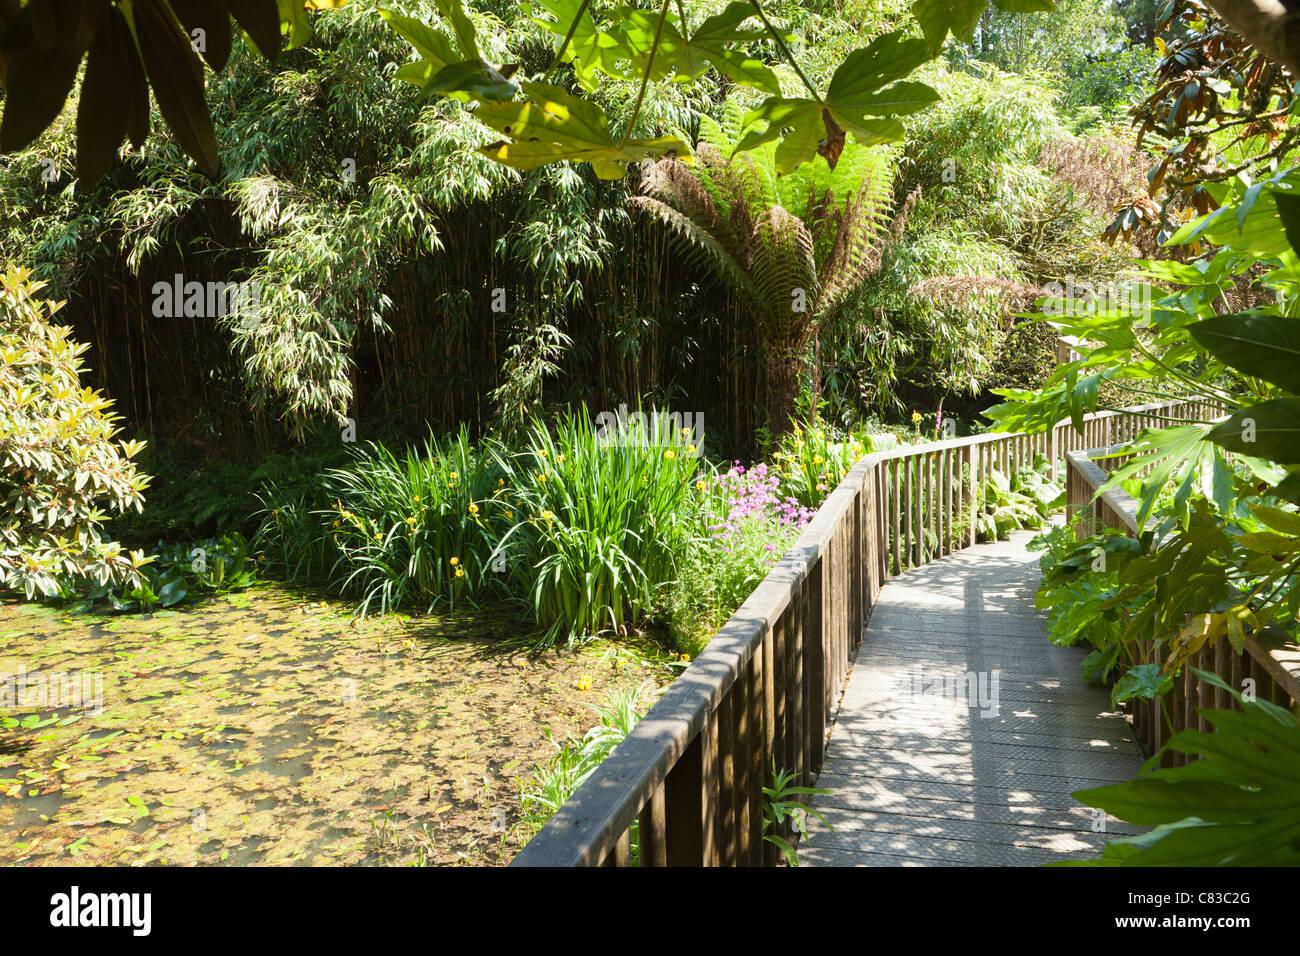 Der Dschungel an der Verlorenen Gärten von Heligan, Pentewan, St. Austell, Cornwall. Stockbild